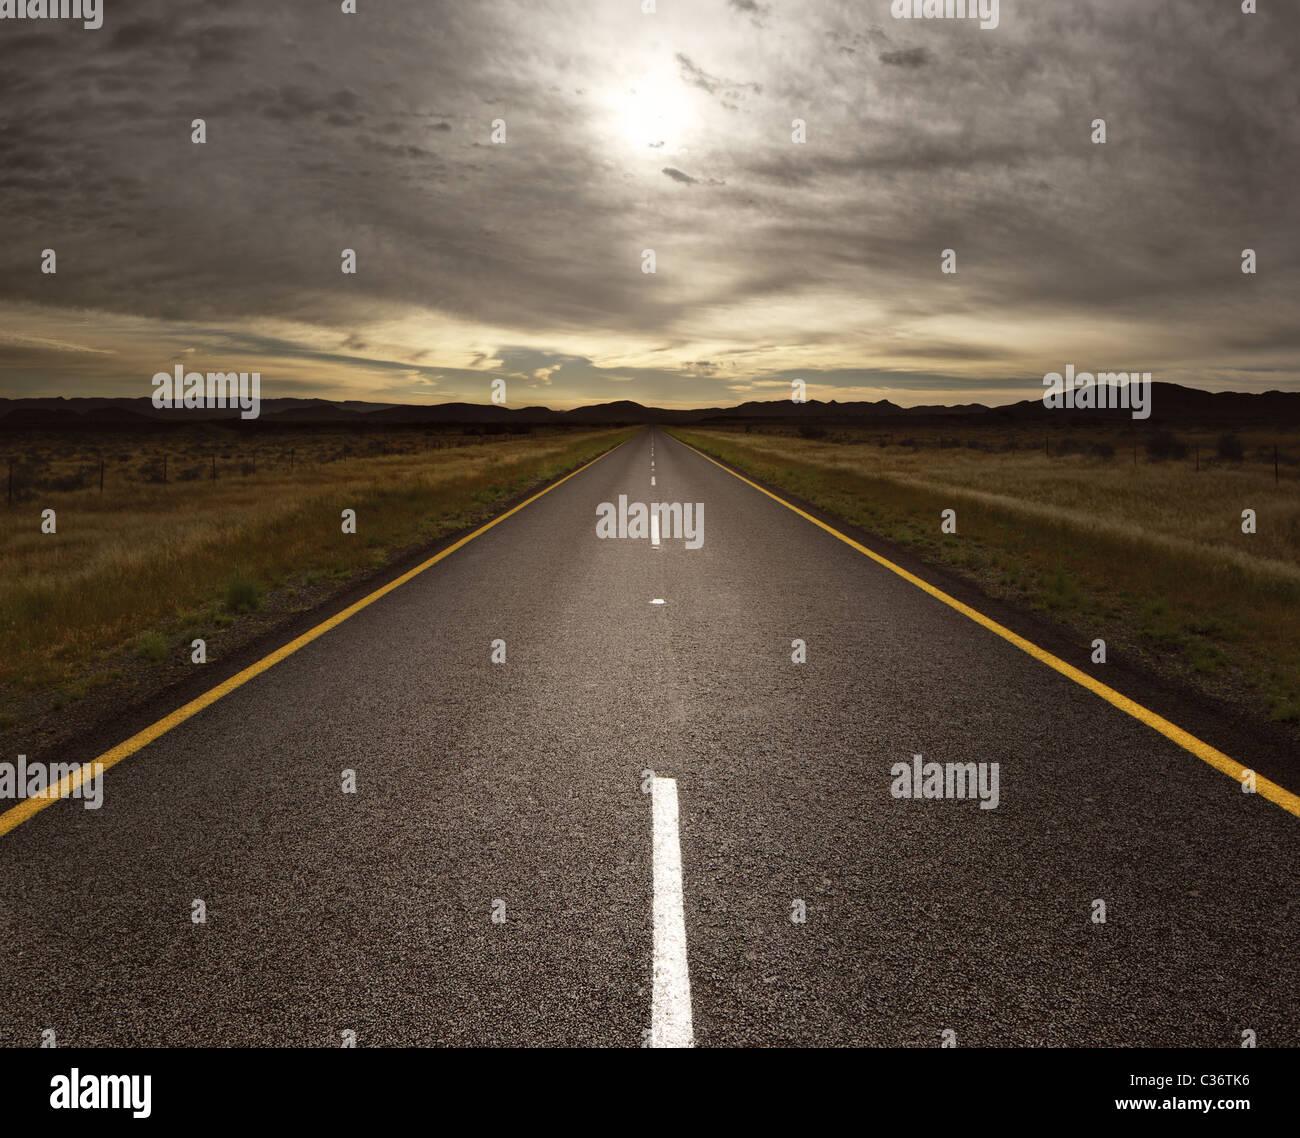 Tout droit route goudronnée menant à la lumière (image) tonique Photo Stock